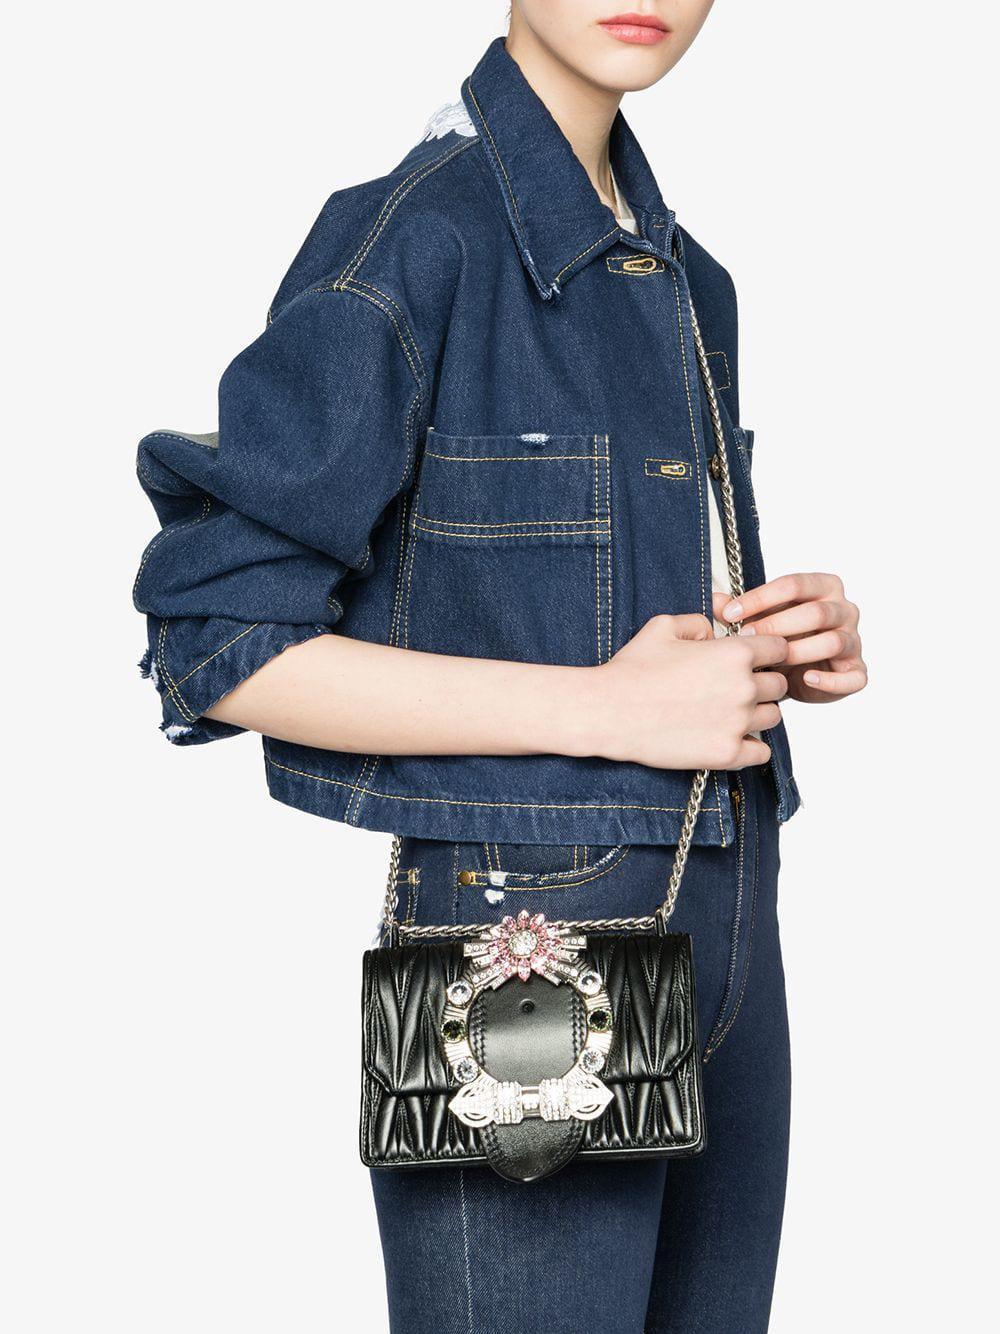 d86b28e7c7f8 Lyst - Miu Miu Miu Lady Matelassé Shoulder Bag in Black - Save 5%